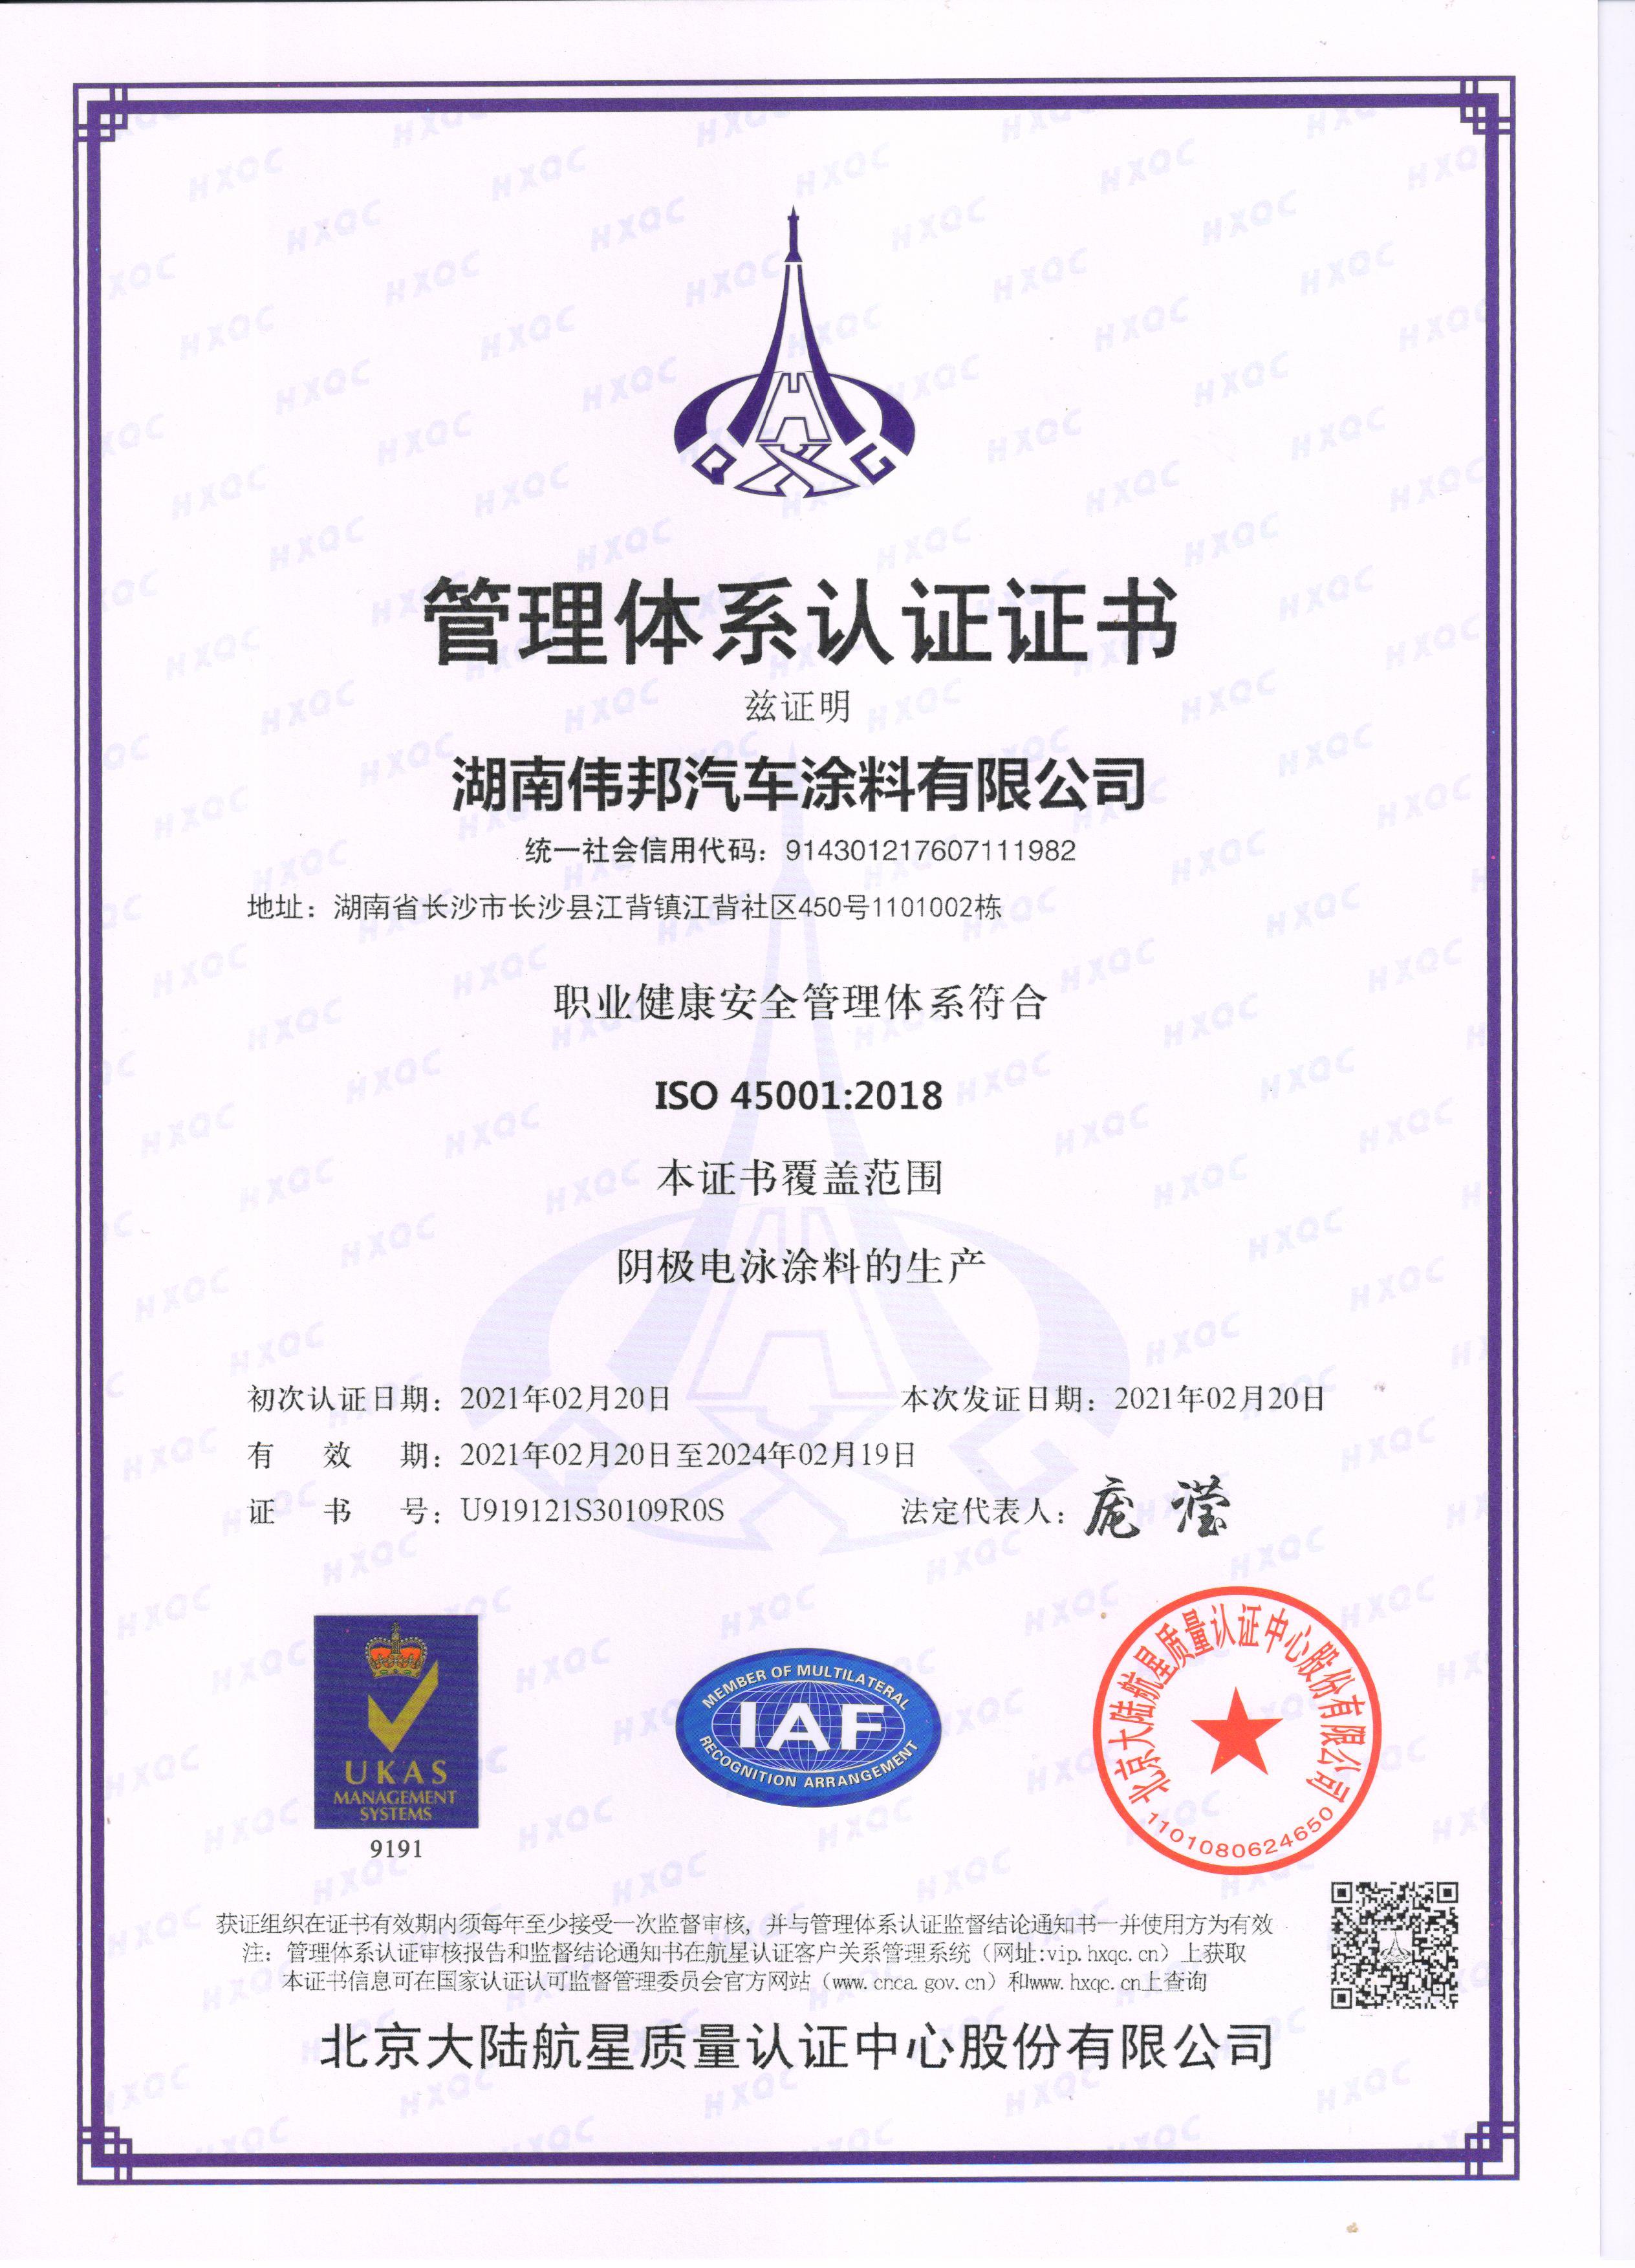 职业健康安全管理体系认证(中文)